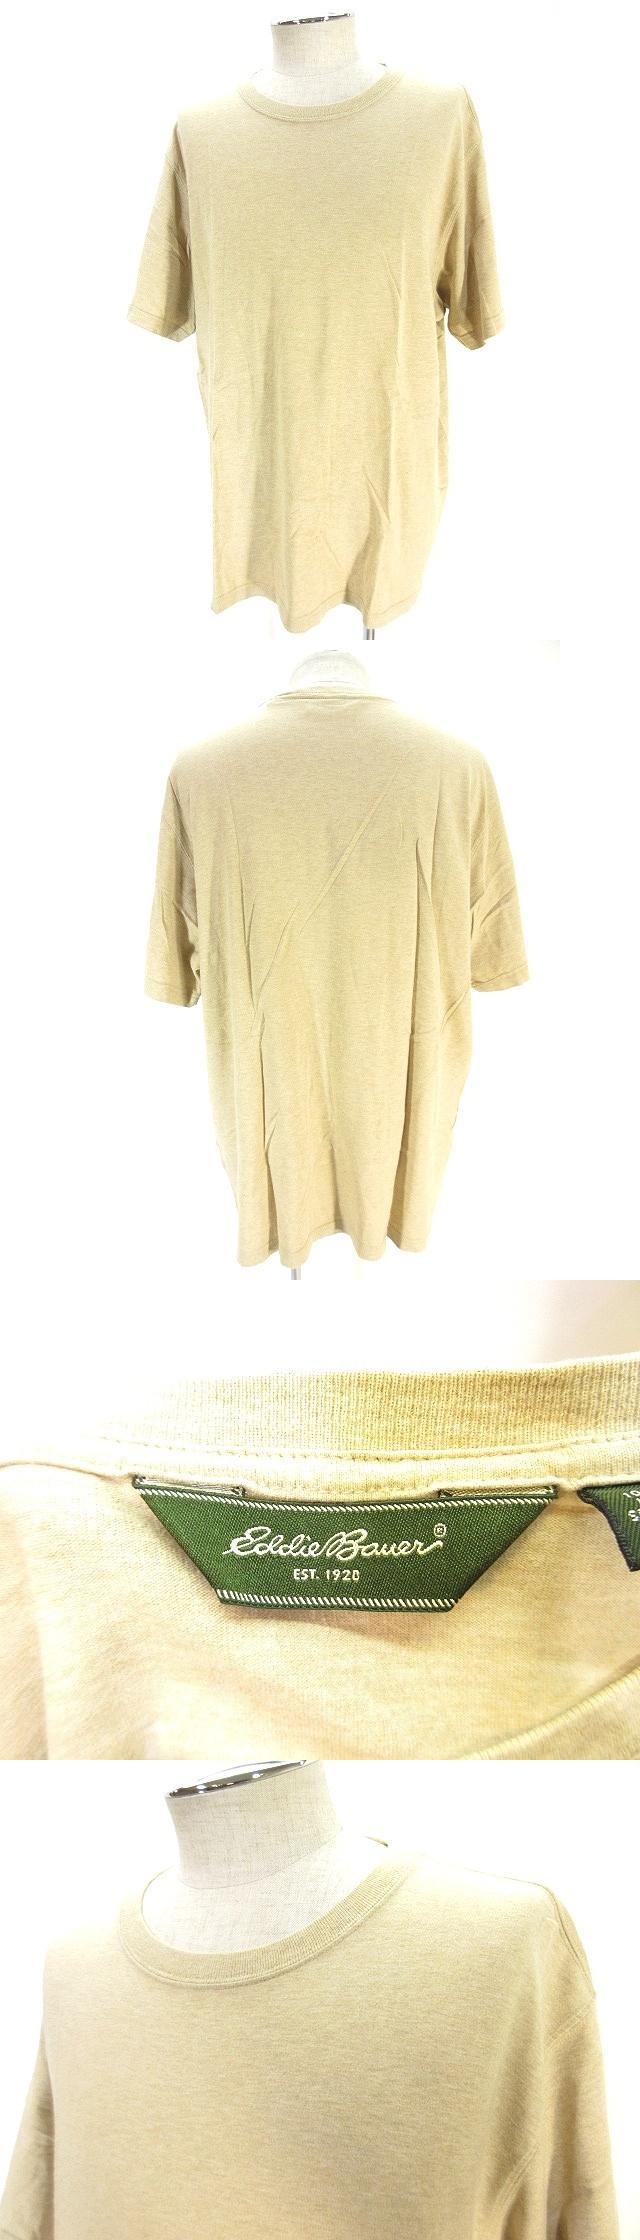 Tシャツ カットソー 半袖 無地 コットン 綿100% XL ベージュ QQ